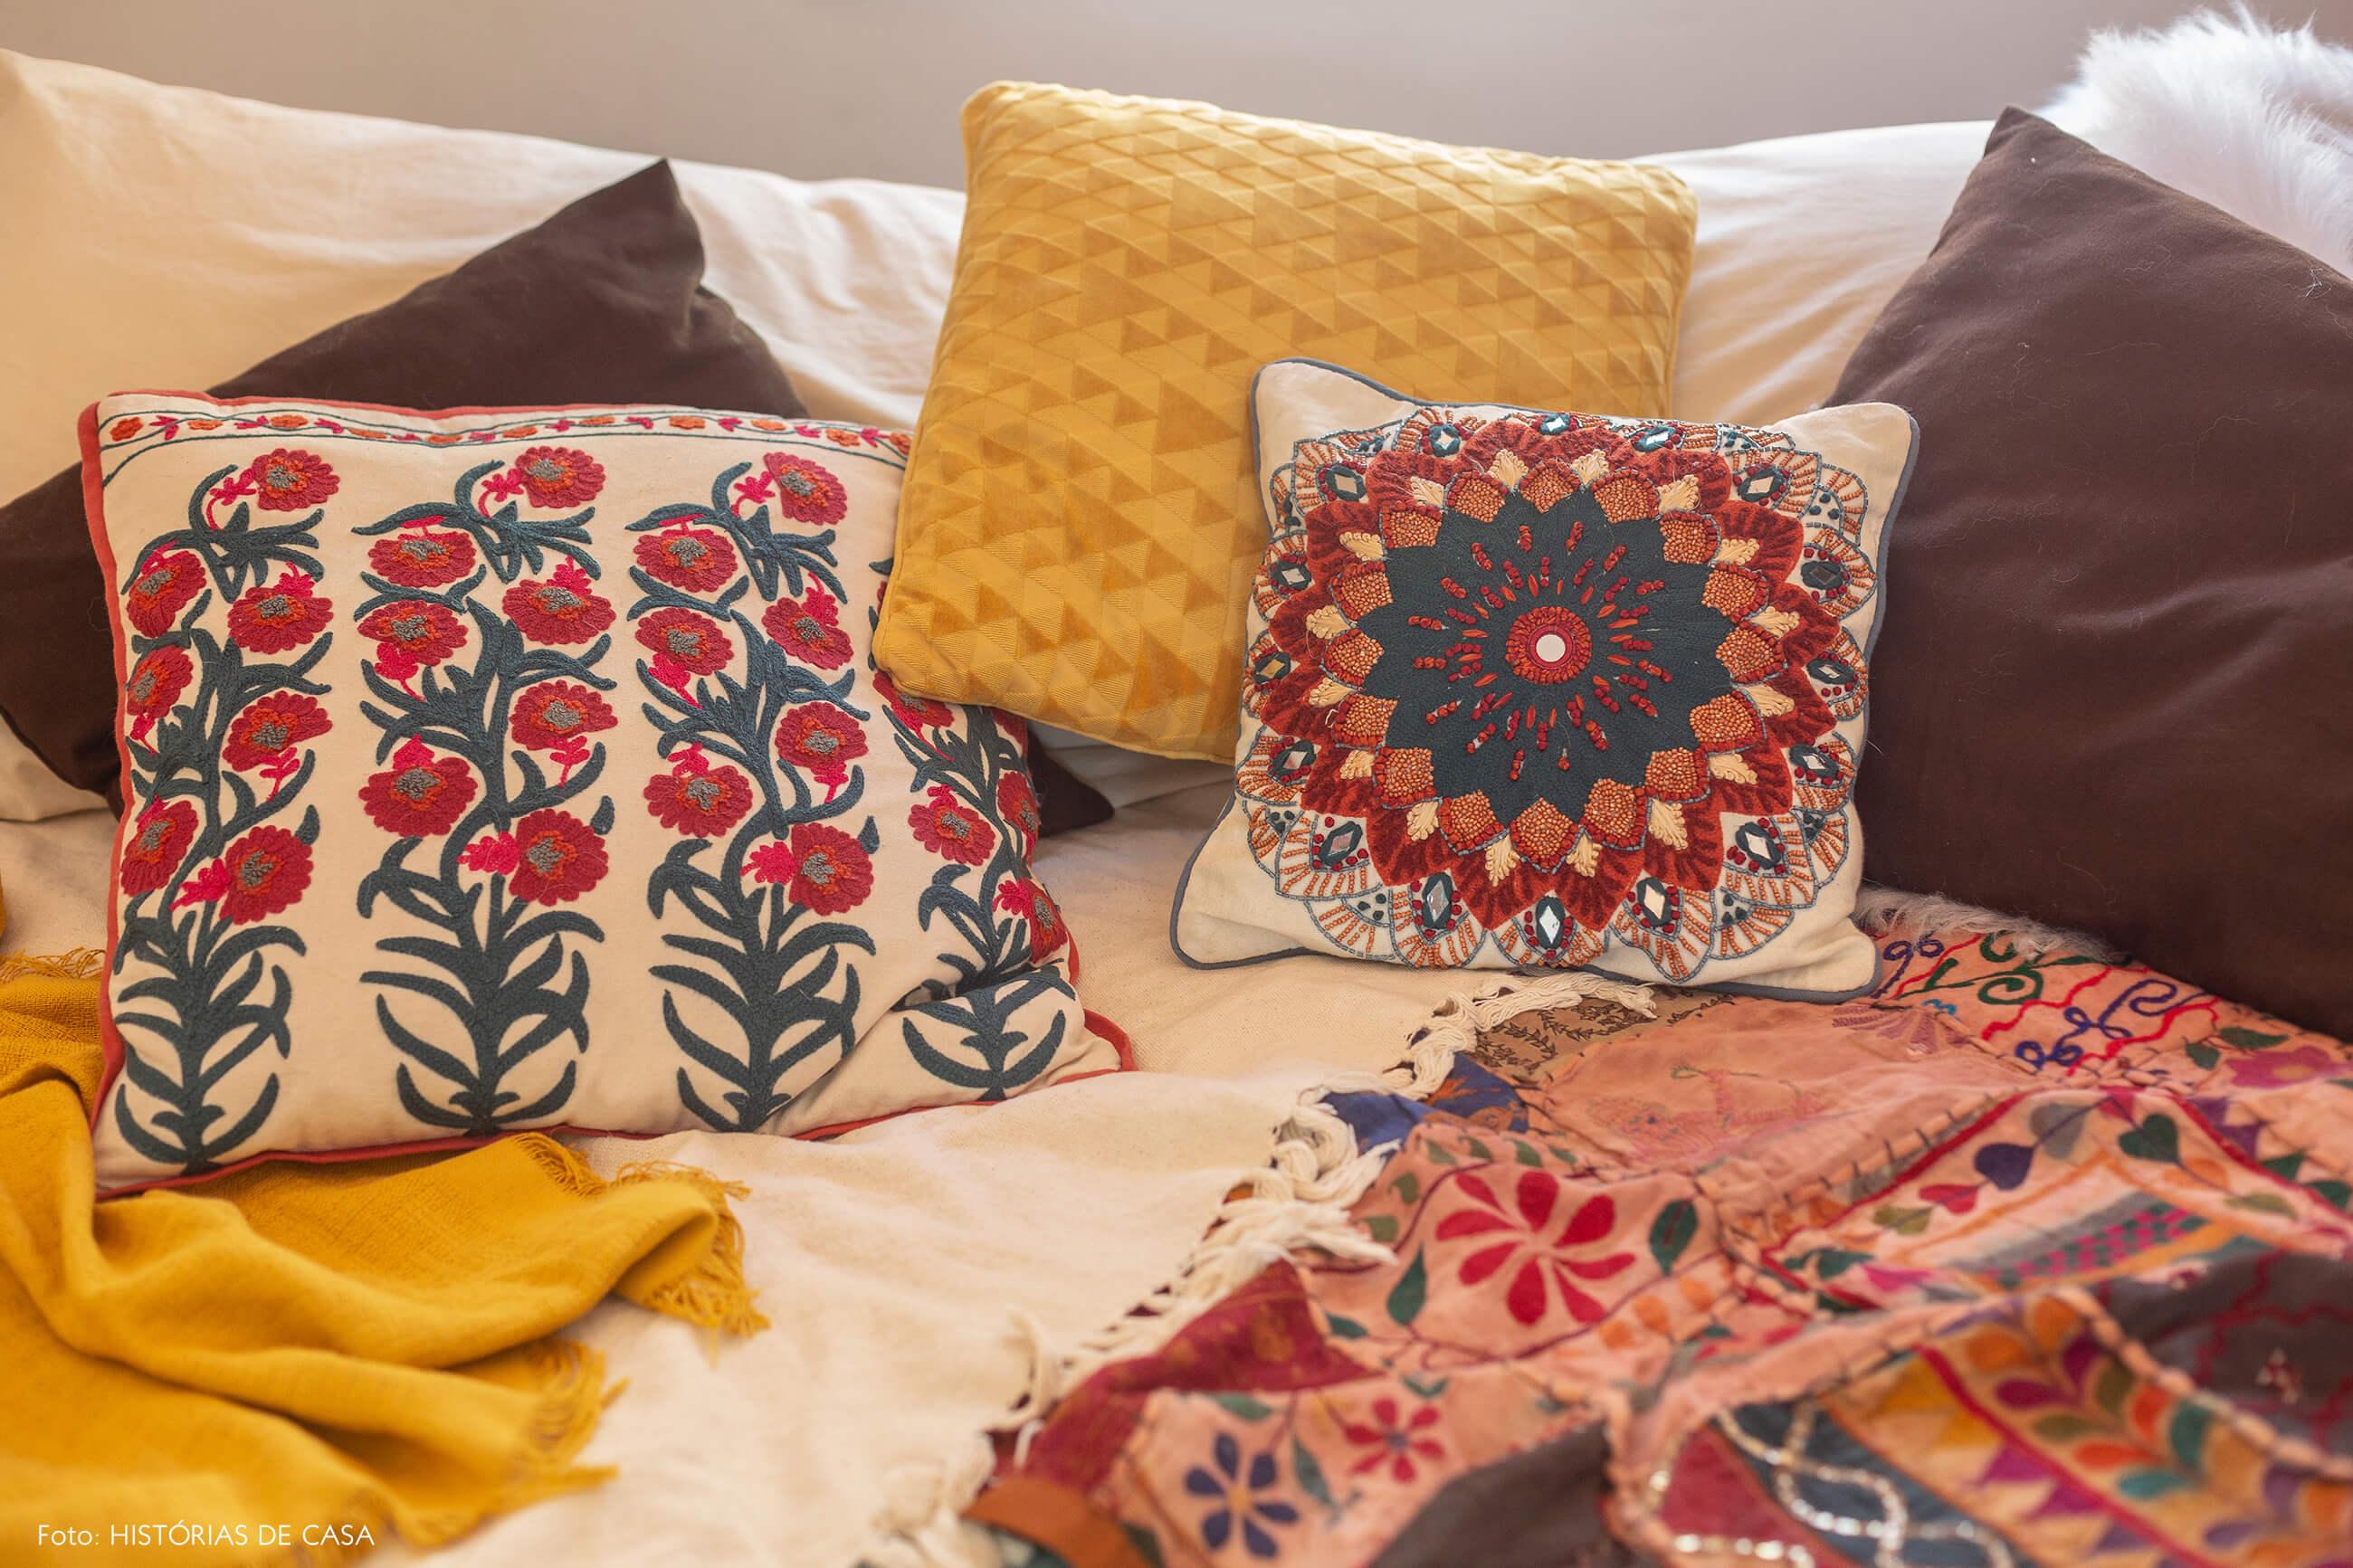 Almofadas coloridas de estilo étnico